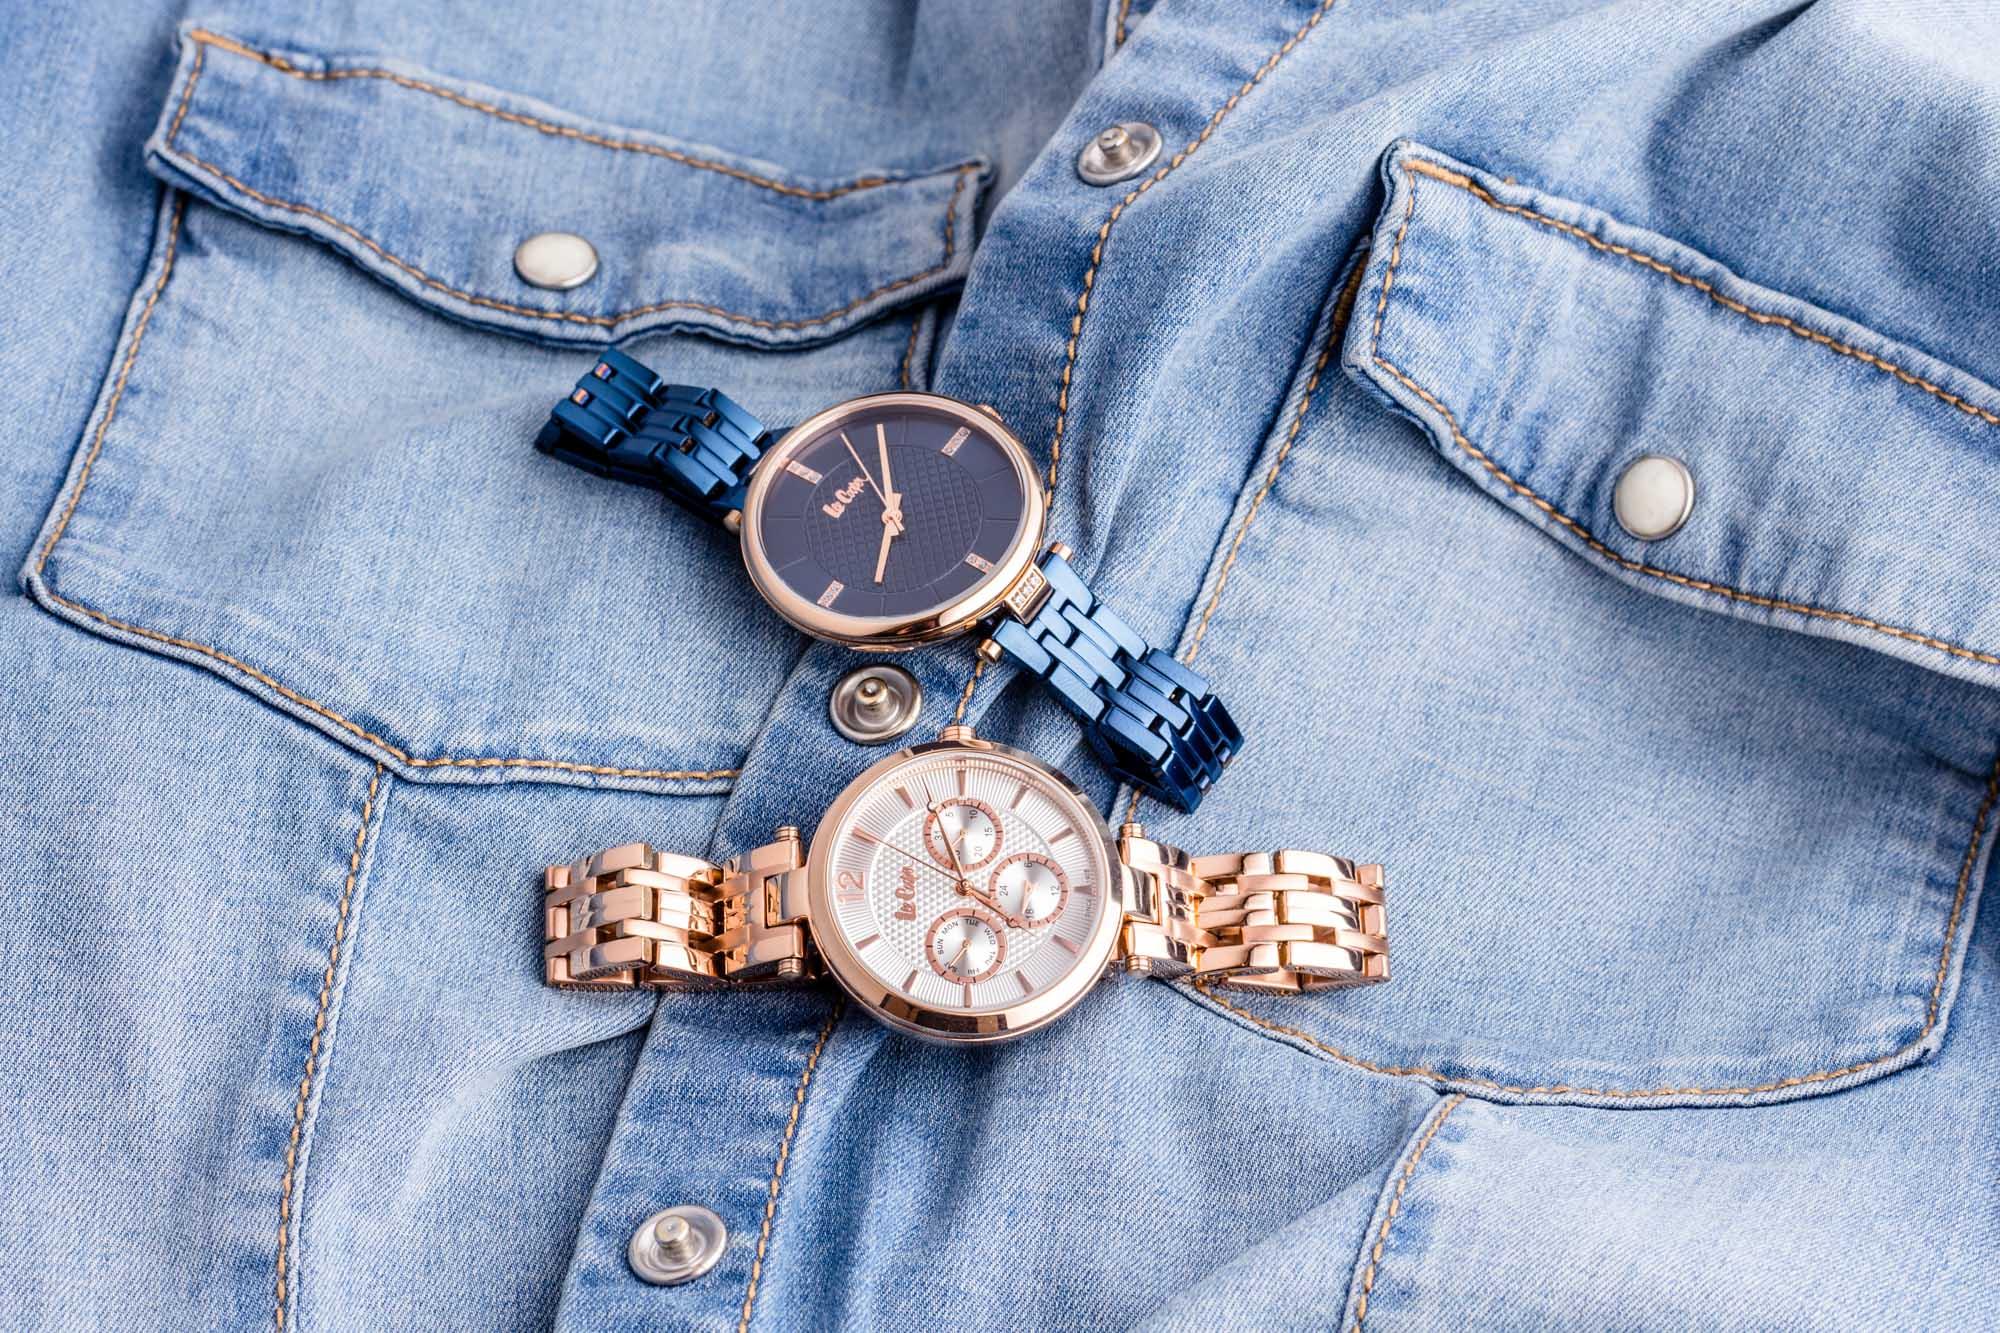 zegarki damskie Lee Cooper niebieski i złoty